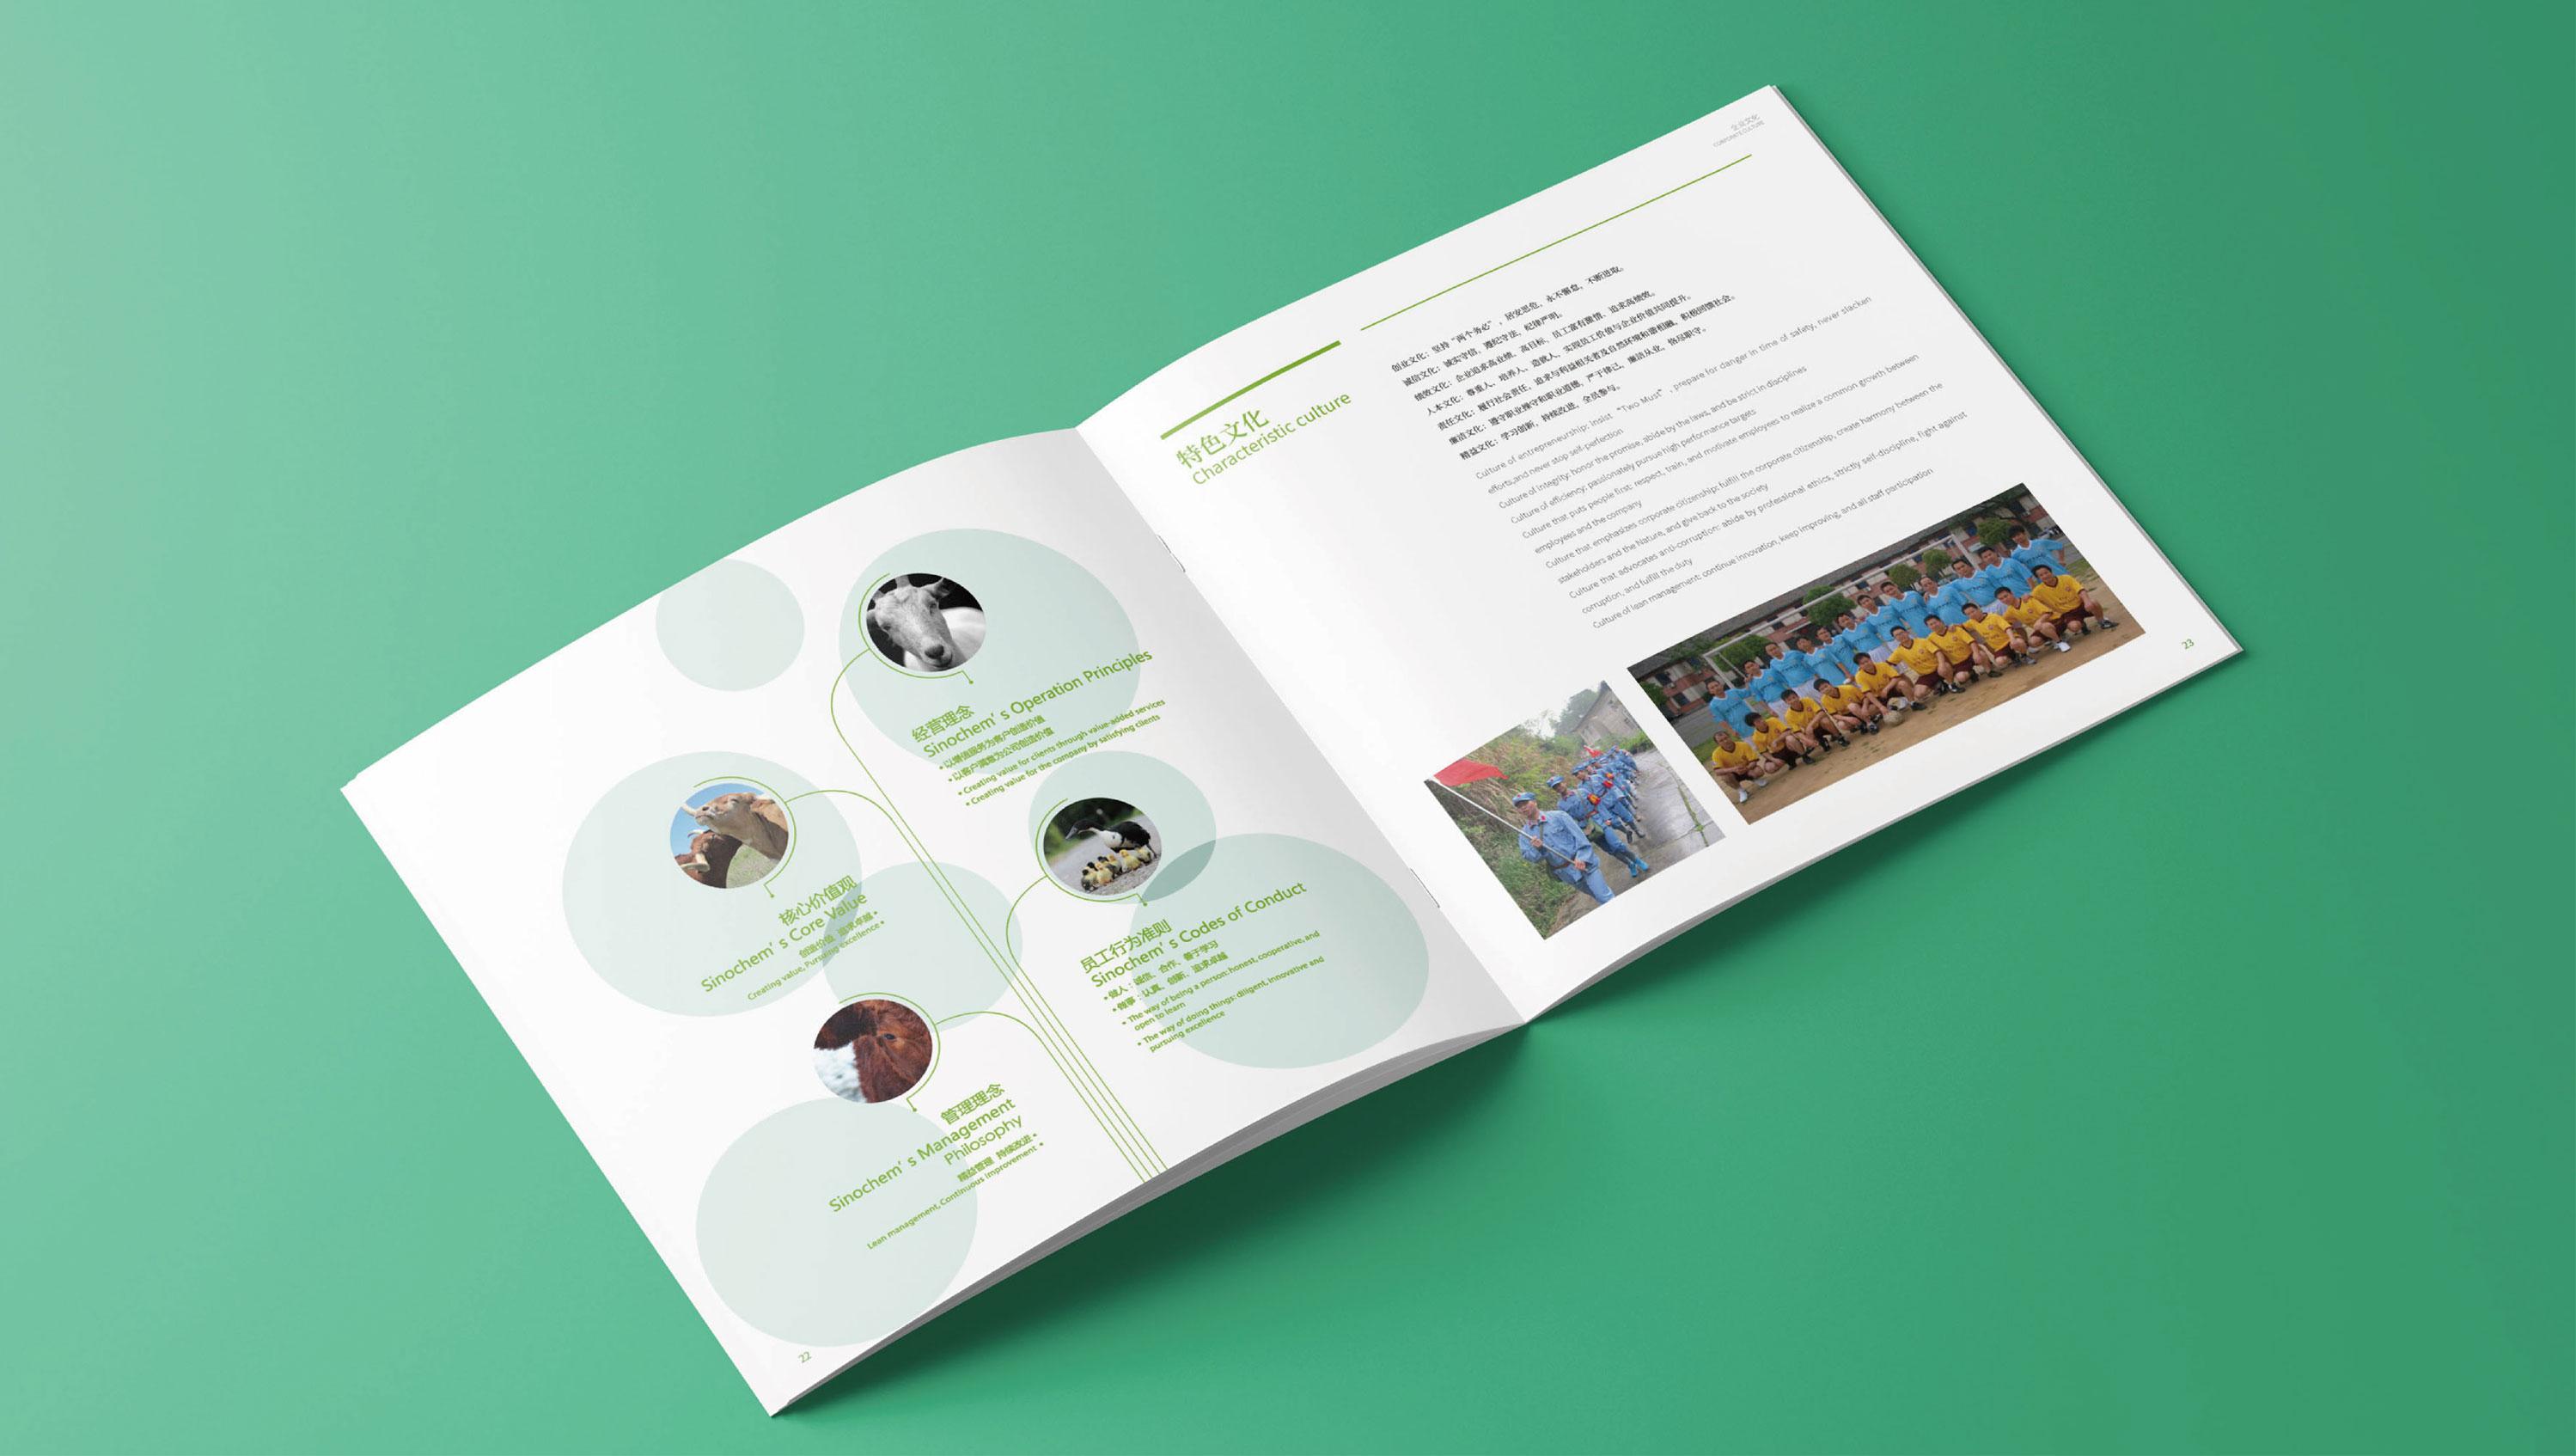 懿木品牌设计-合盈科技23